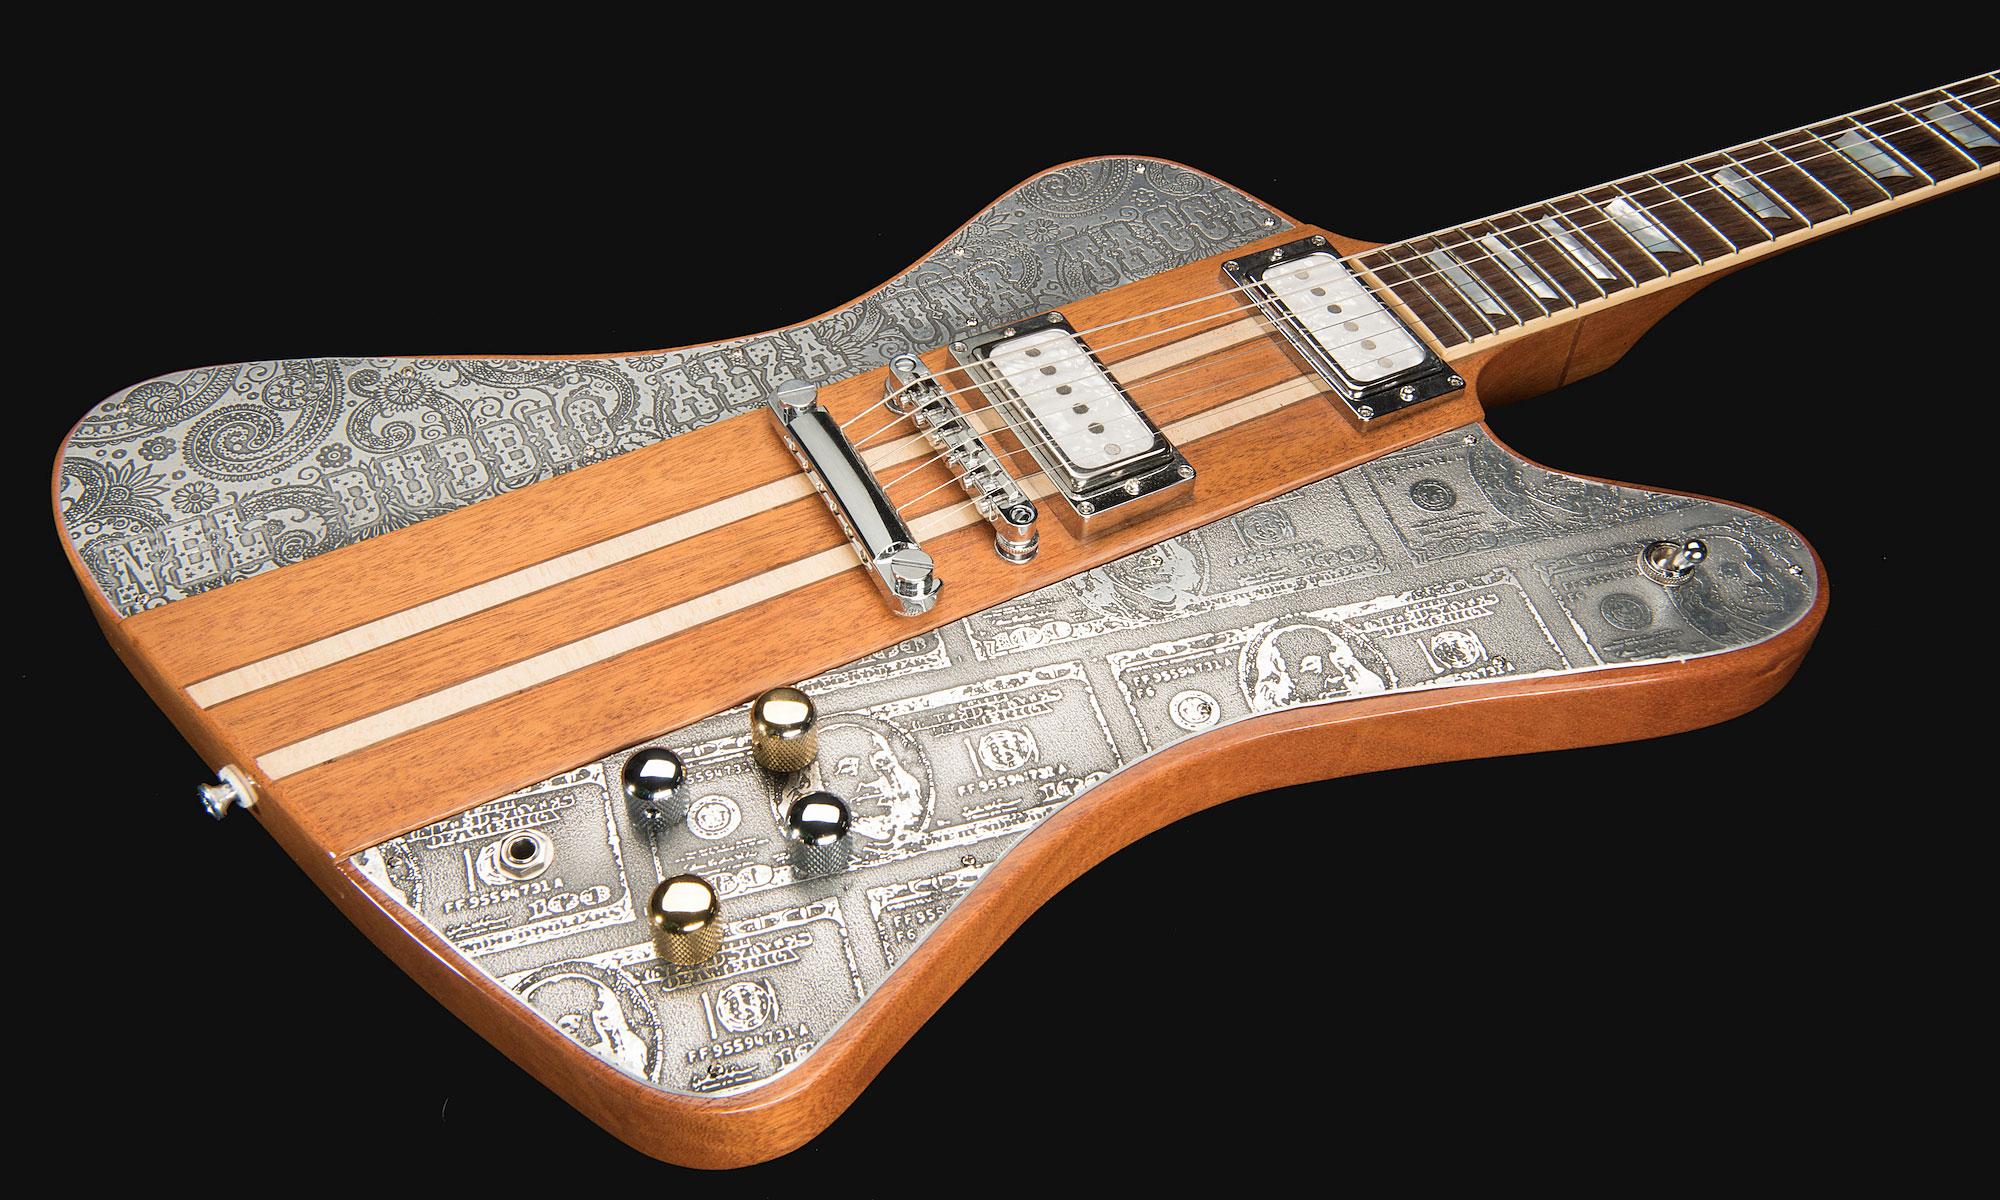 chitarre elettriche costruite artigianalmente shank